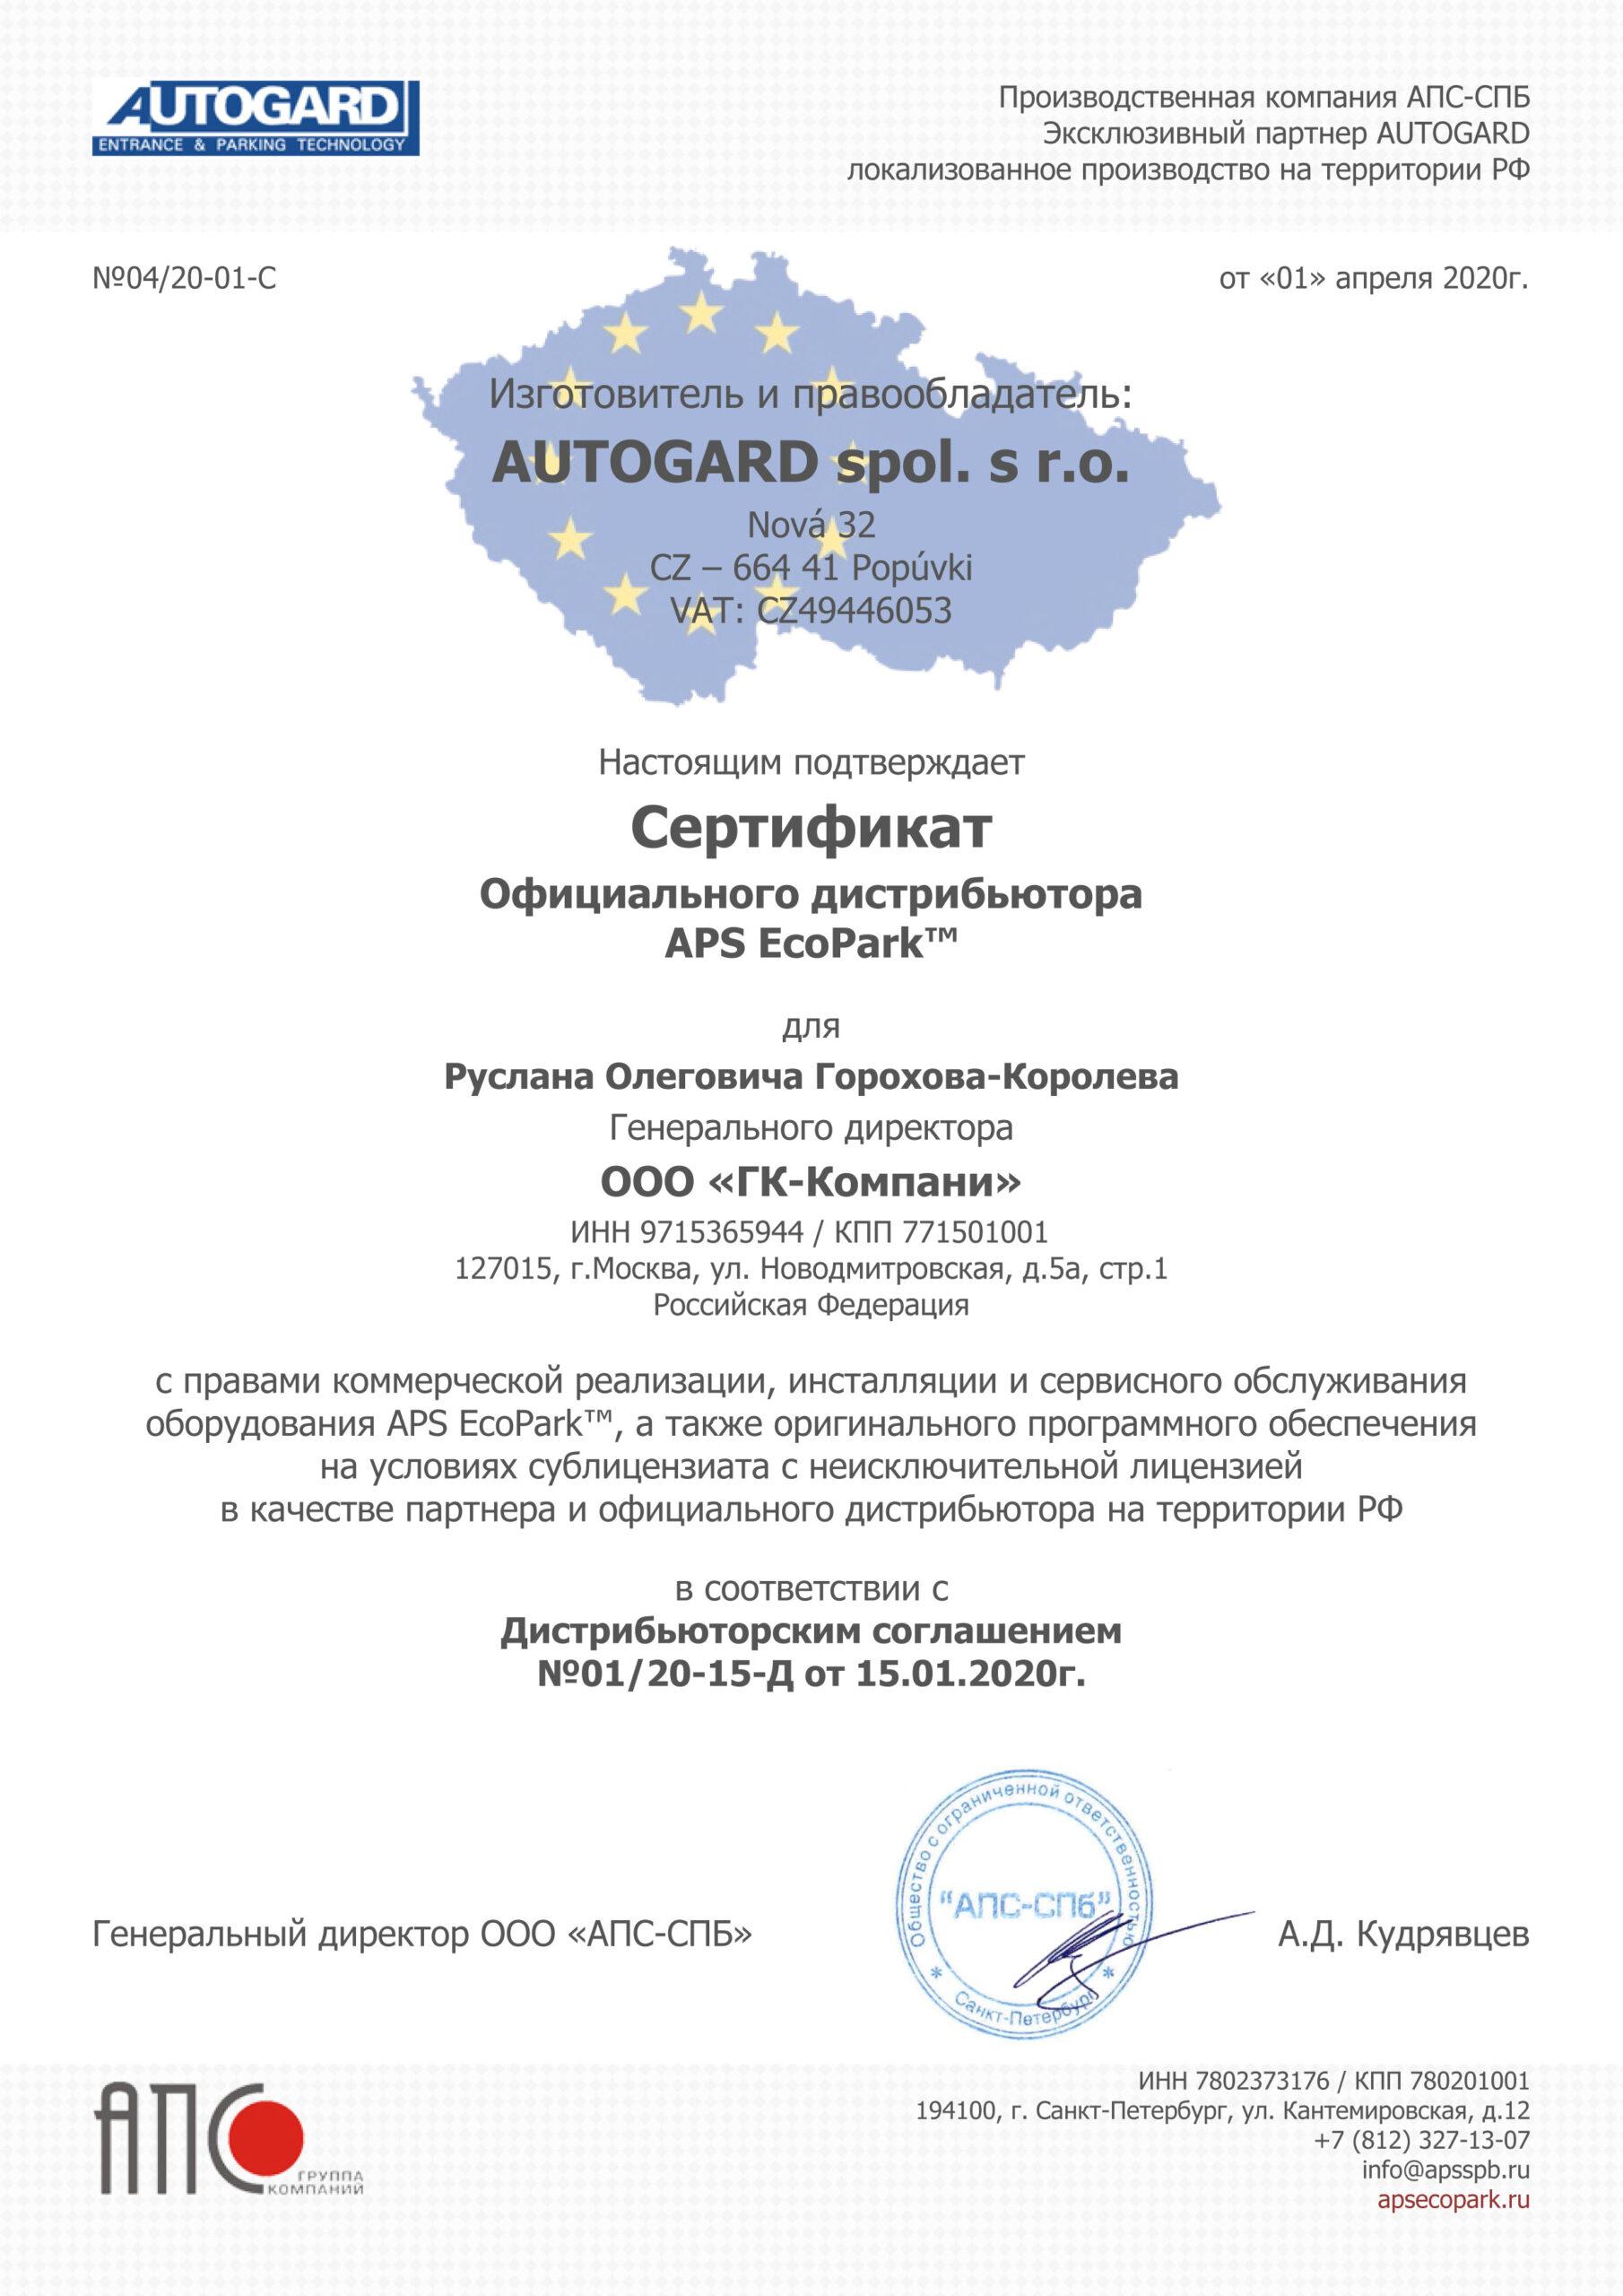 Сертификат производственной компании АСП ПСБ